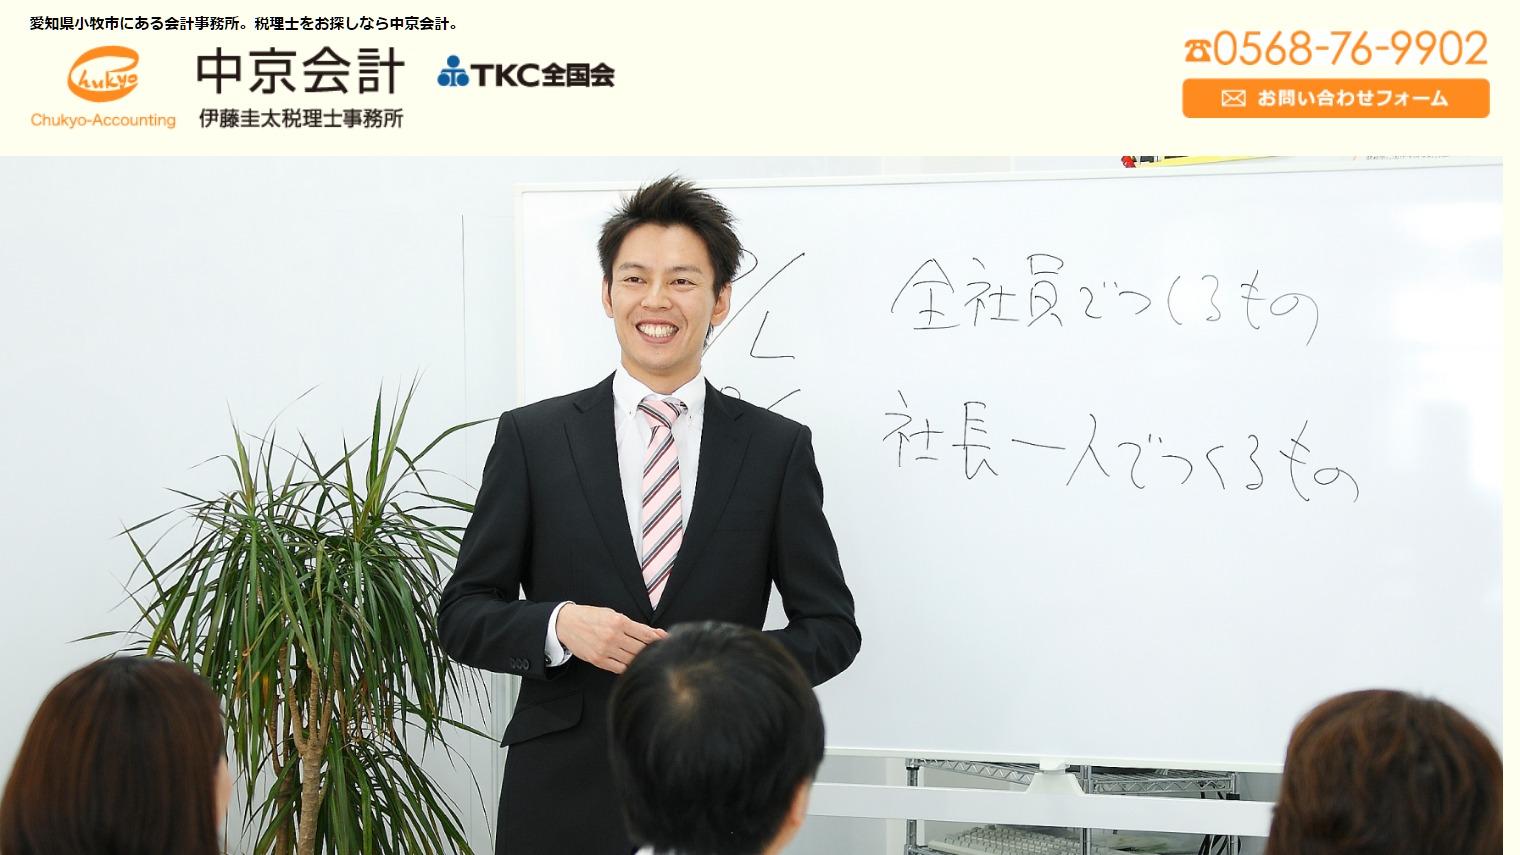 中京会計/伊藤圭太税理士事務所